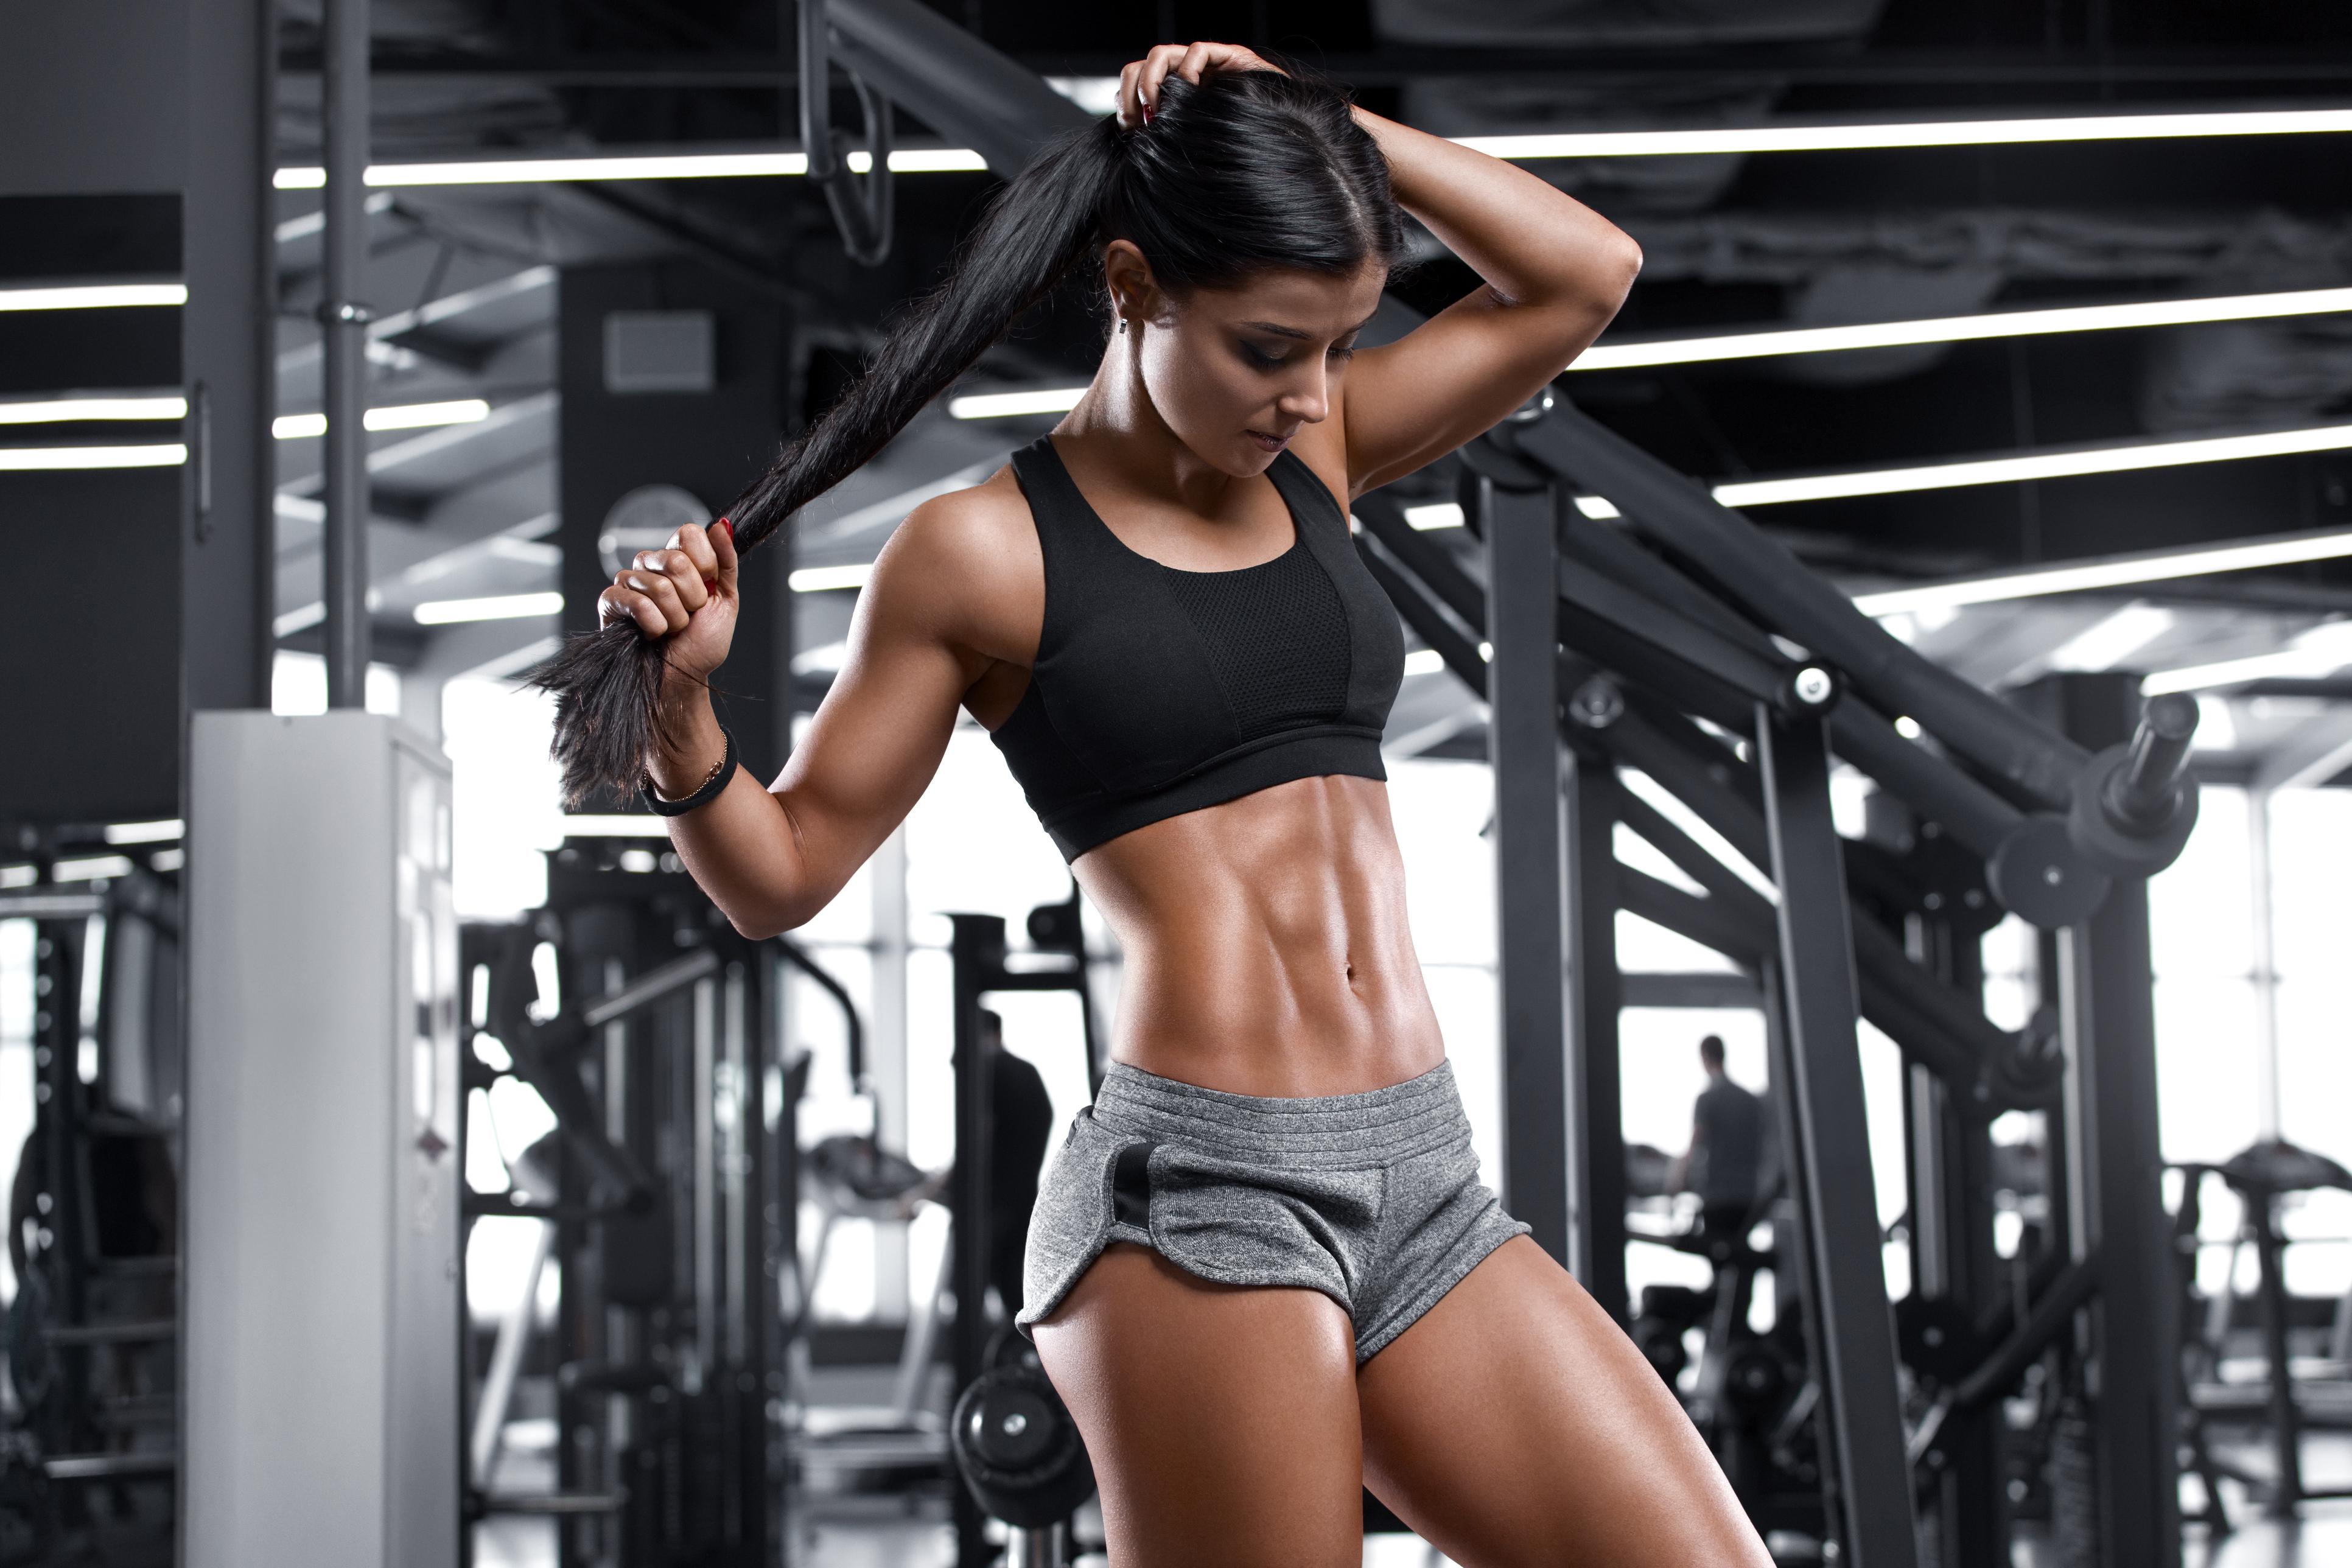 「驚き」通常のスポーツジムより痩せるジム とは!?−10kg以上痩せたいならスウィッチ